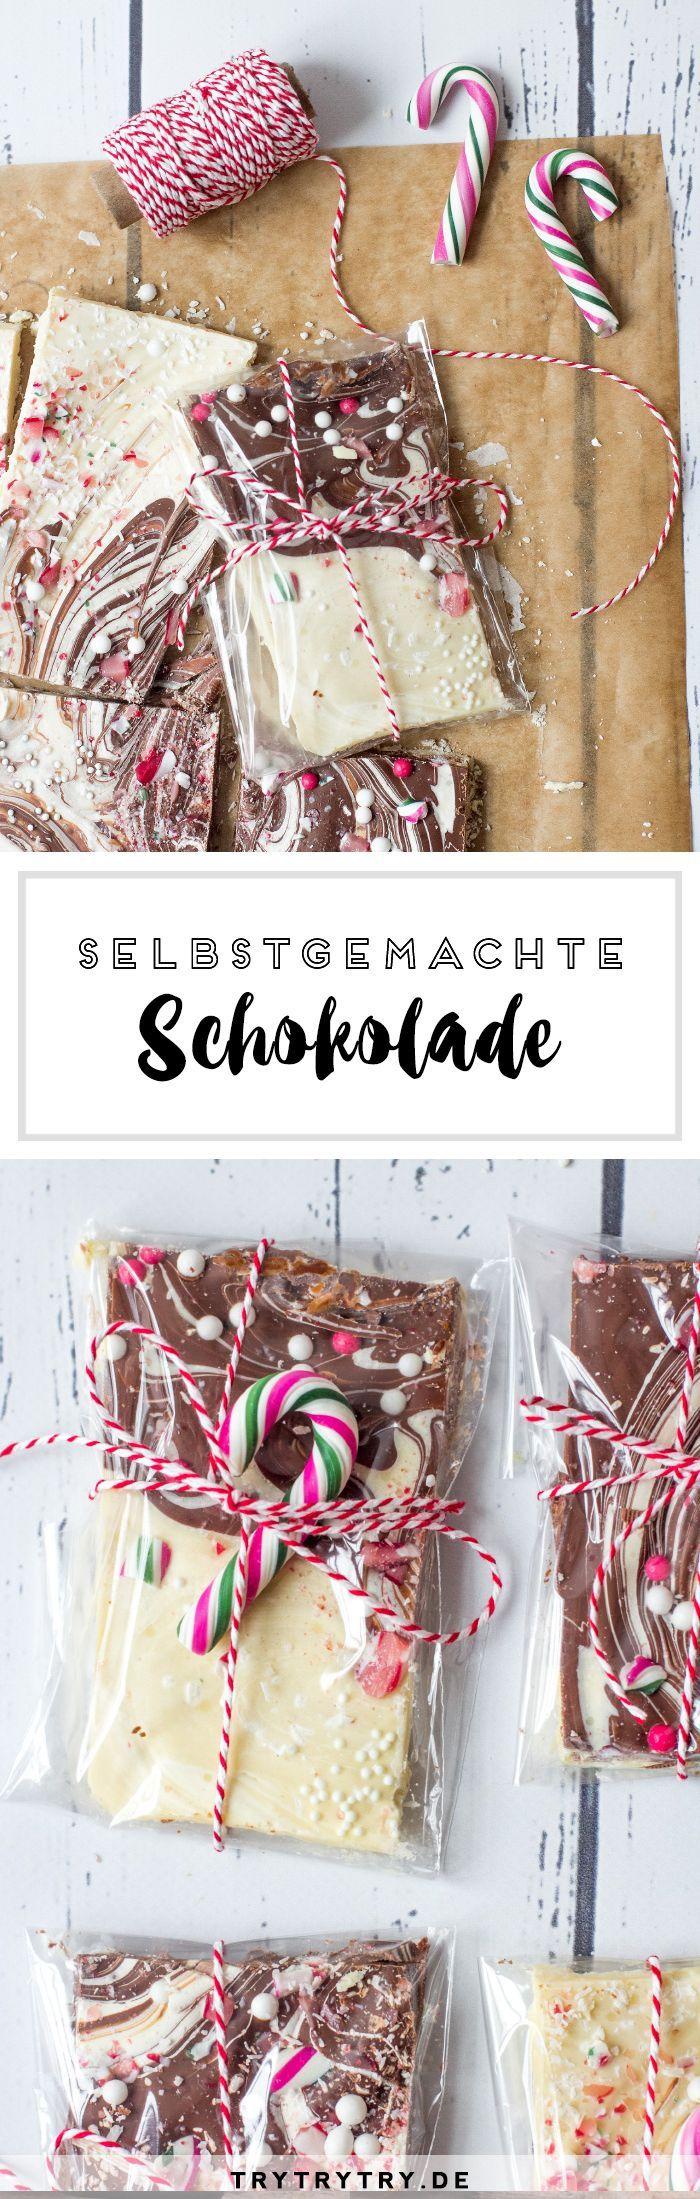 Hausgemachte Schokolade als Geschenk!   – Christmas recipes and edible gifts